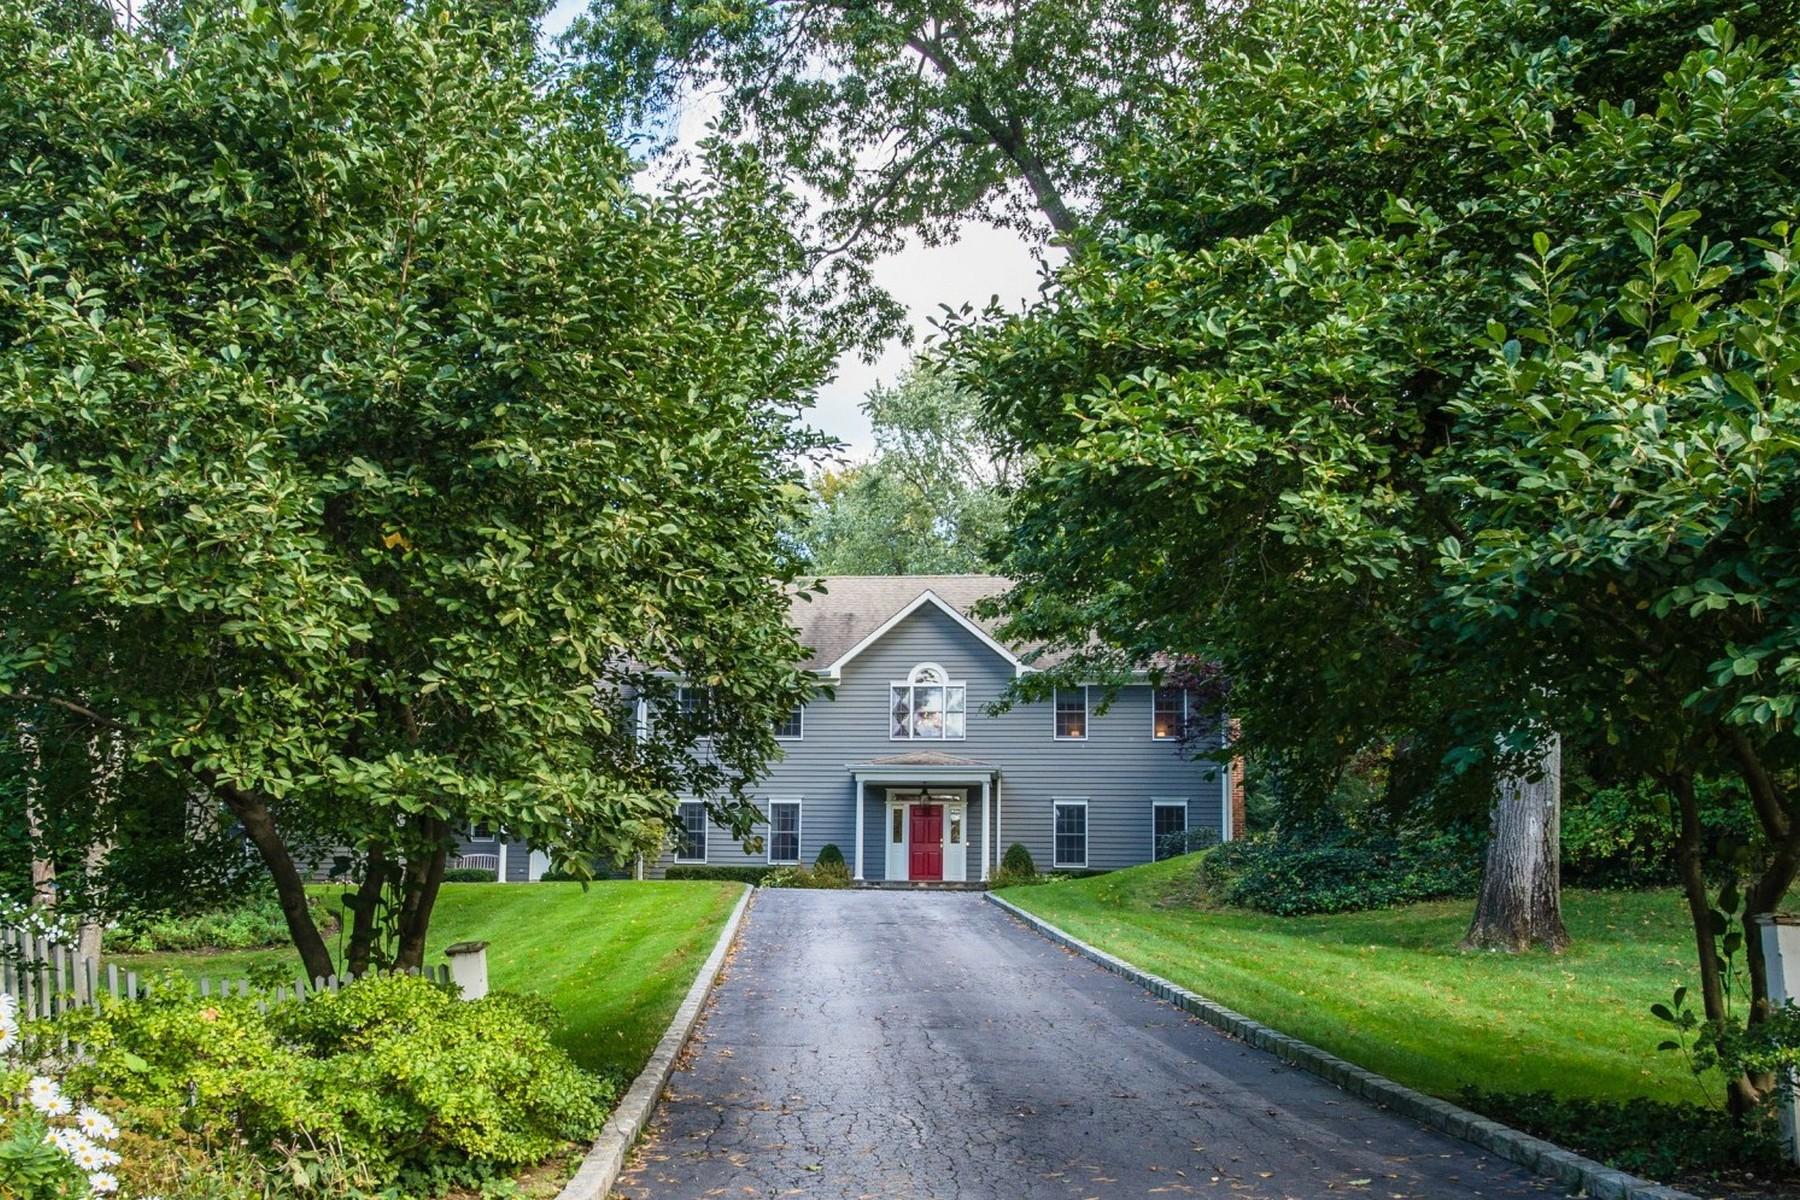 Villa per Vendita alle ore Colonial 72 Cove Neck Rd Cove Neck, New York, 11771 Stati Uniti